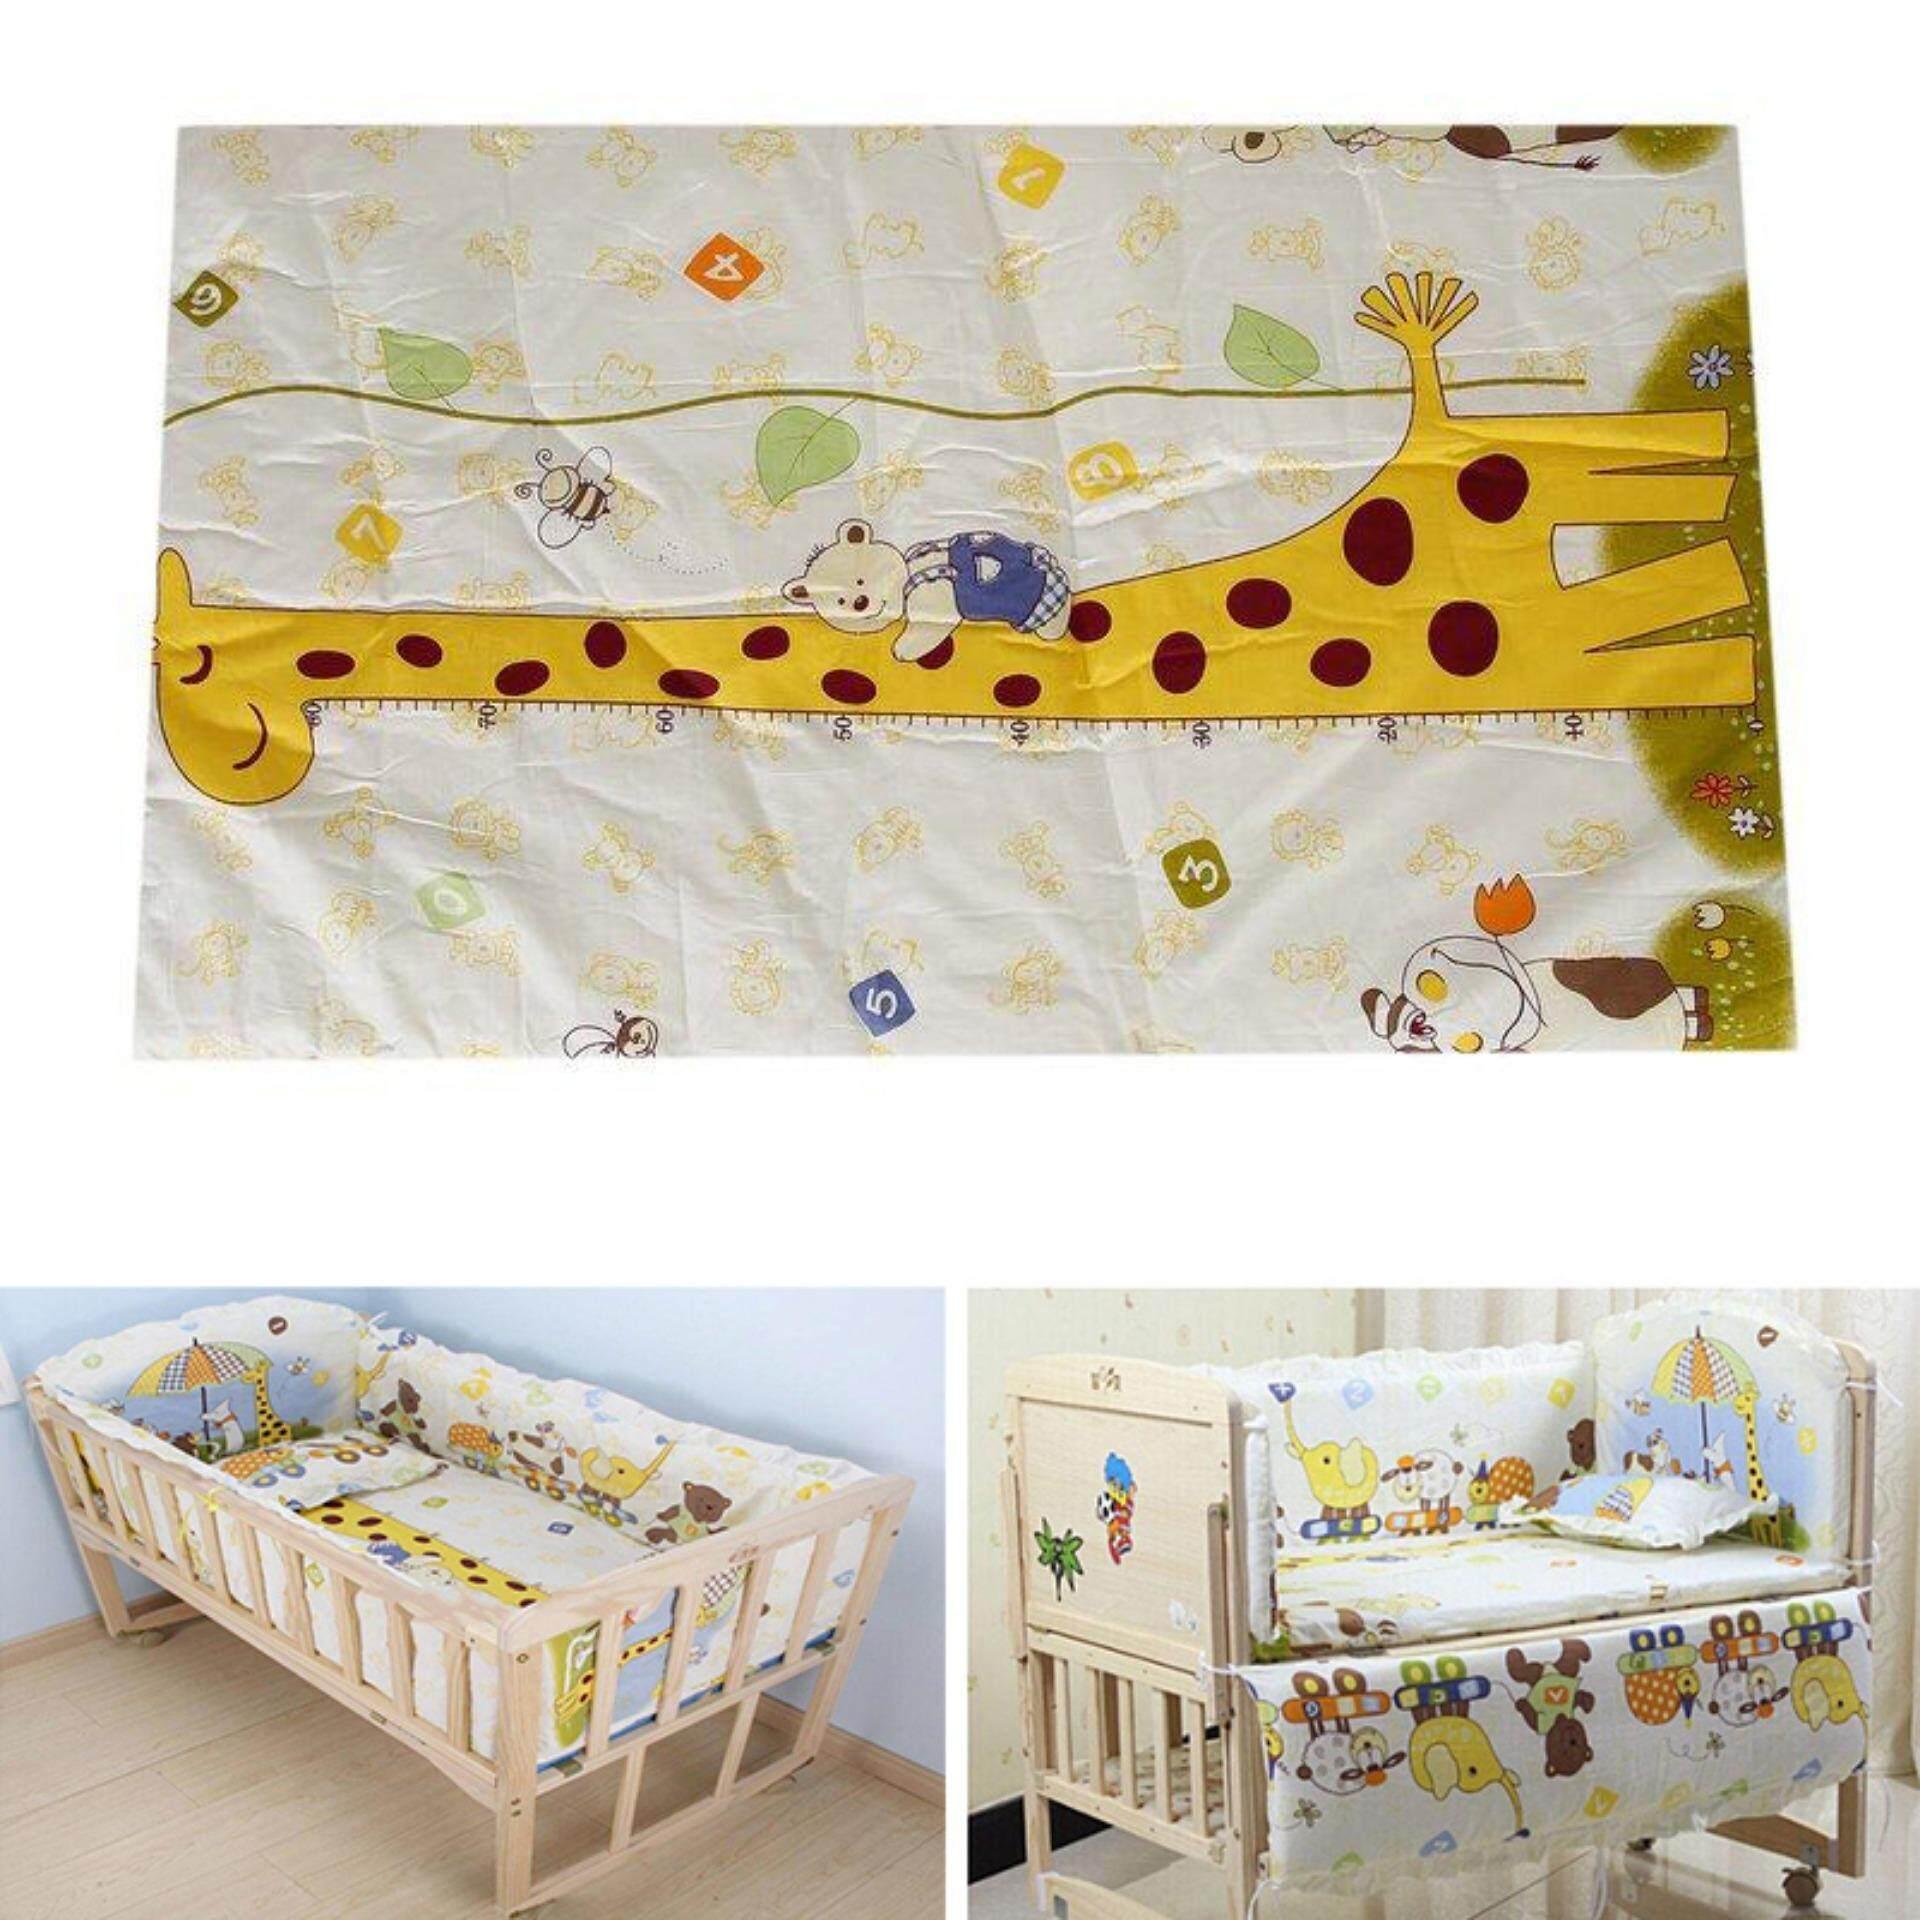 100*58 เซนติเมตร 5 ชิ้น/เซ็ตผ้าฝ้ายนุ่มสำหรับทารกตาข่ายชุดหมอนชุดเครื่องนอนเด็ก.